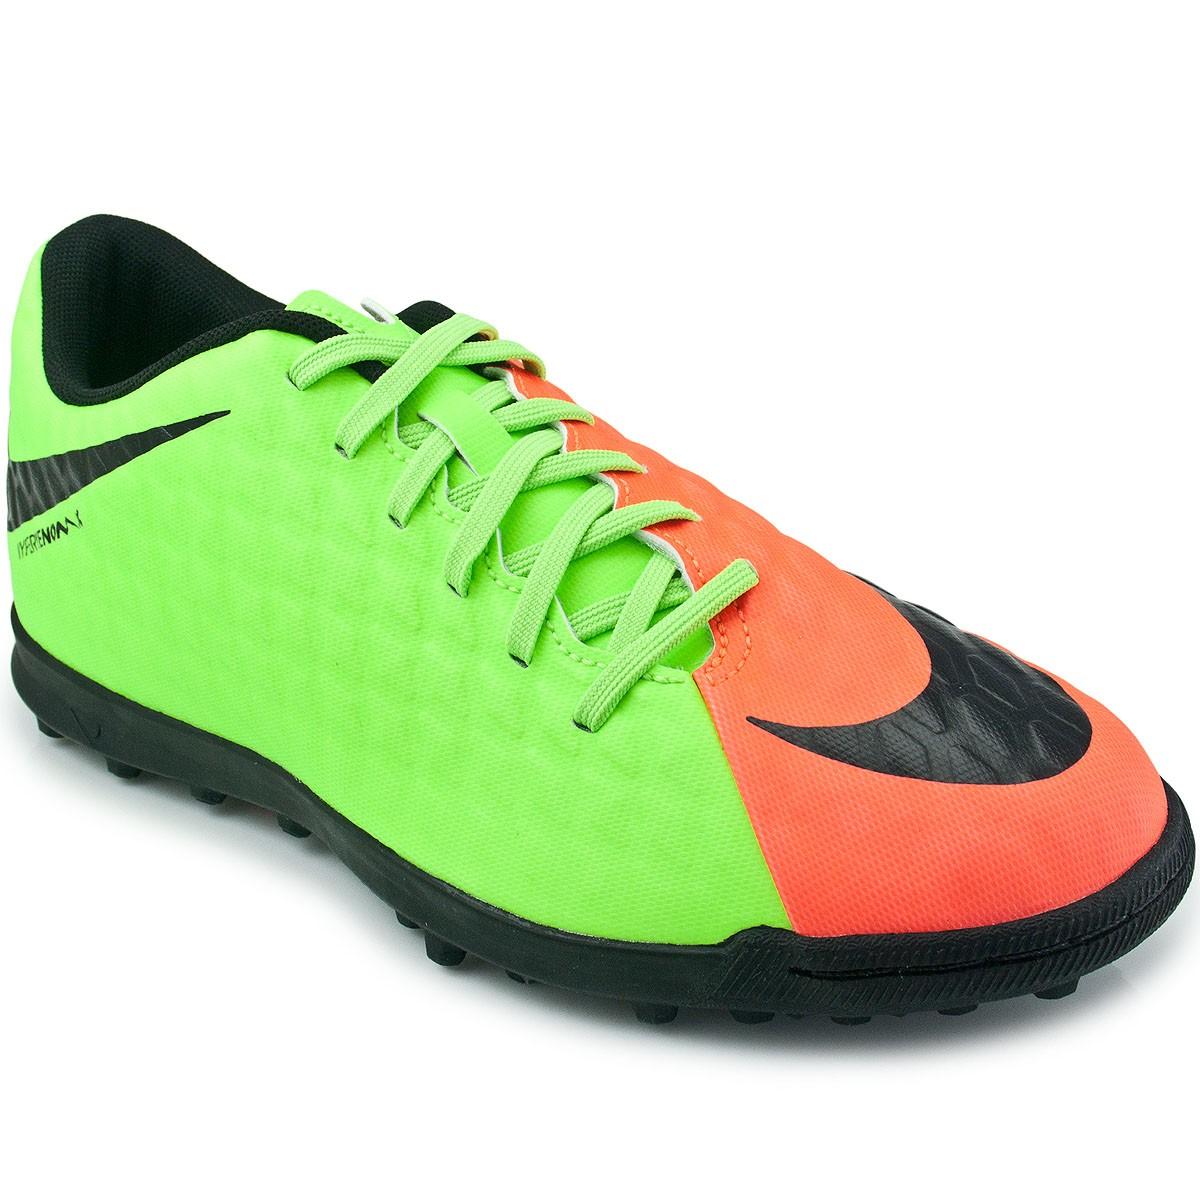 Chuteira Nike Hypervenom Phade III TF  f479fe2160160